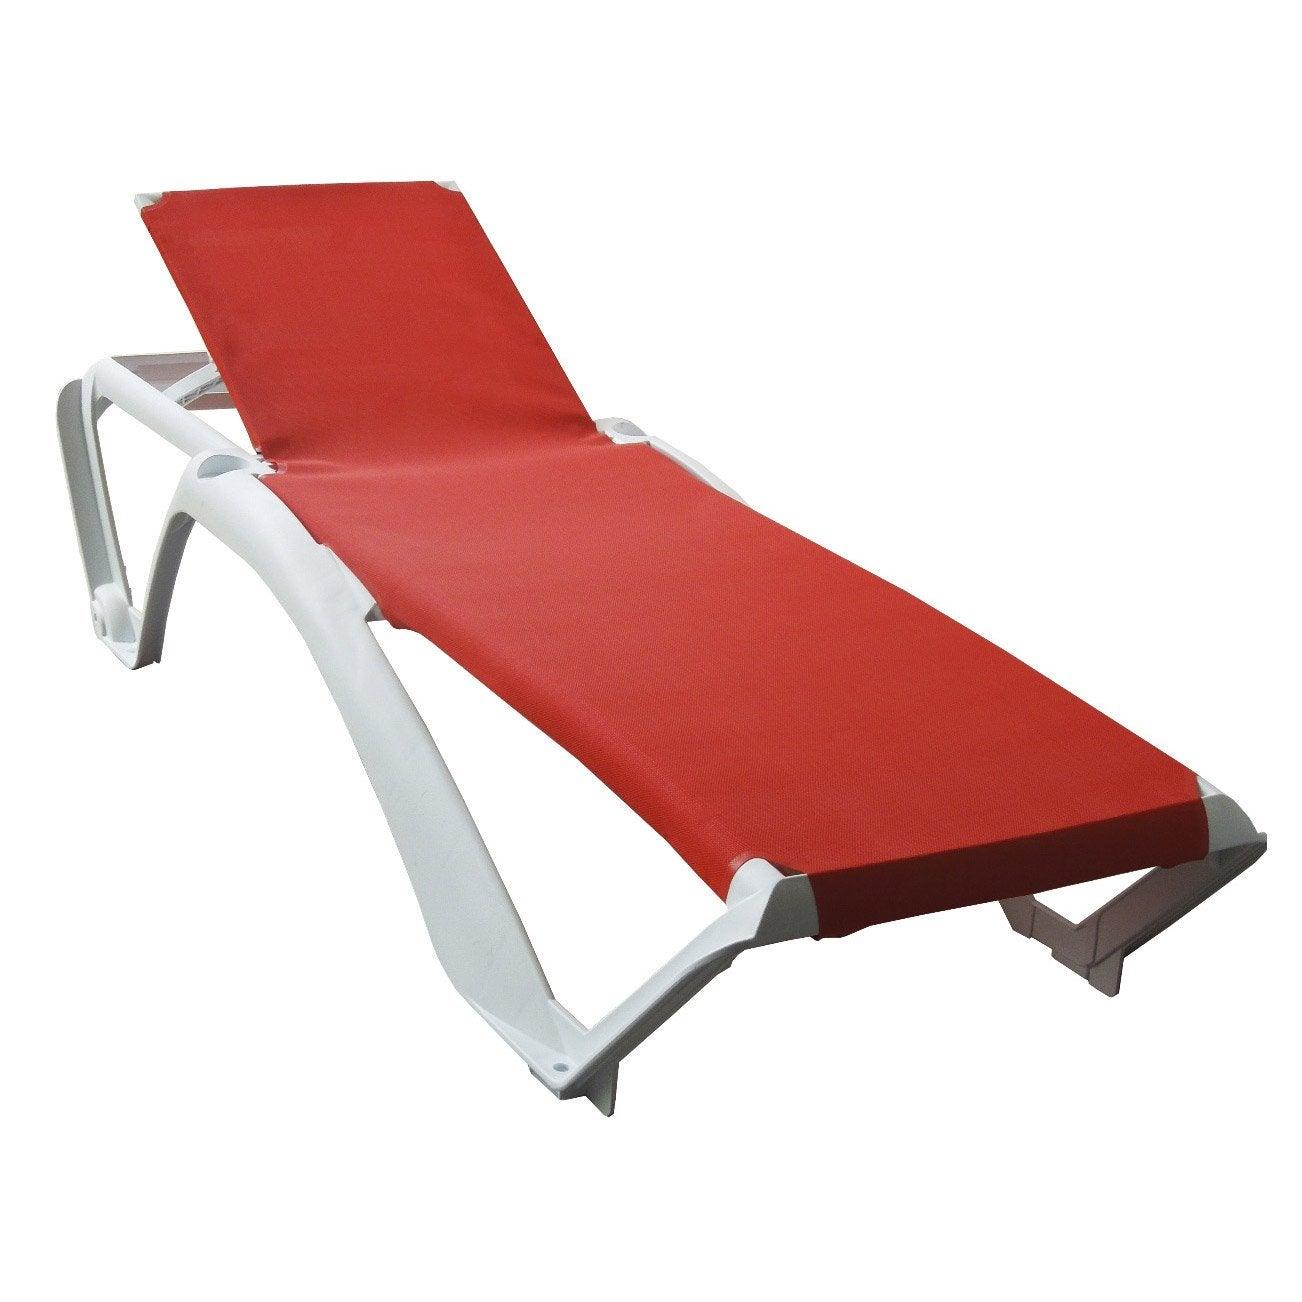 bain de soleil de jardin en r sine inject e acqua rouge. Black Bedroom Furniture Sets. Home Design Ideas